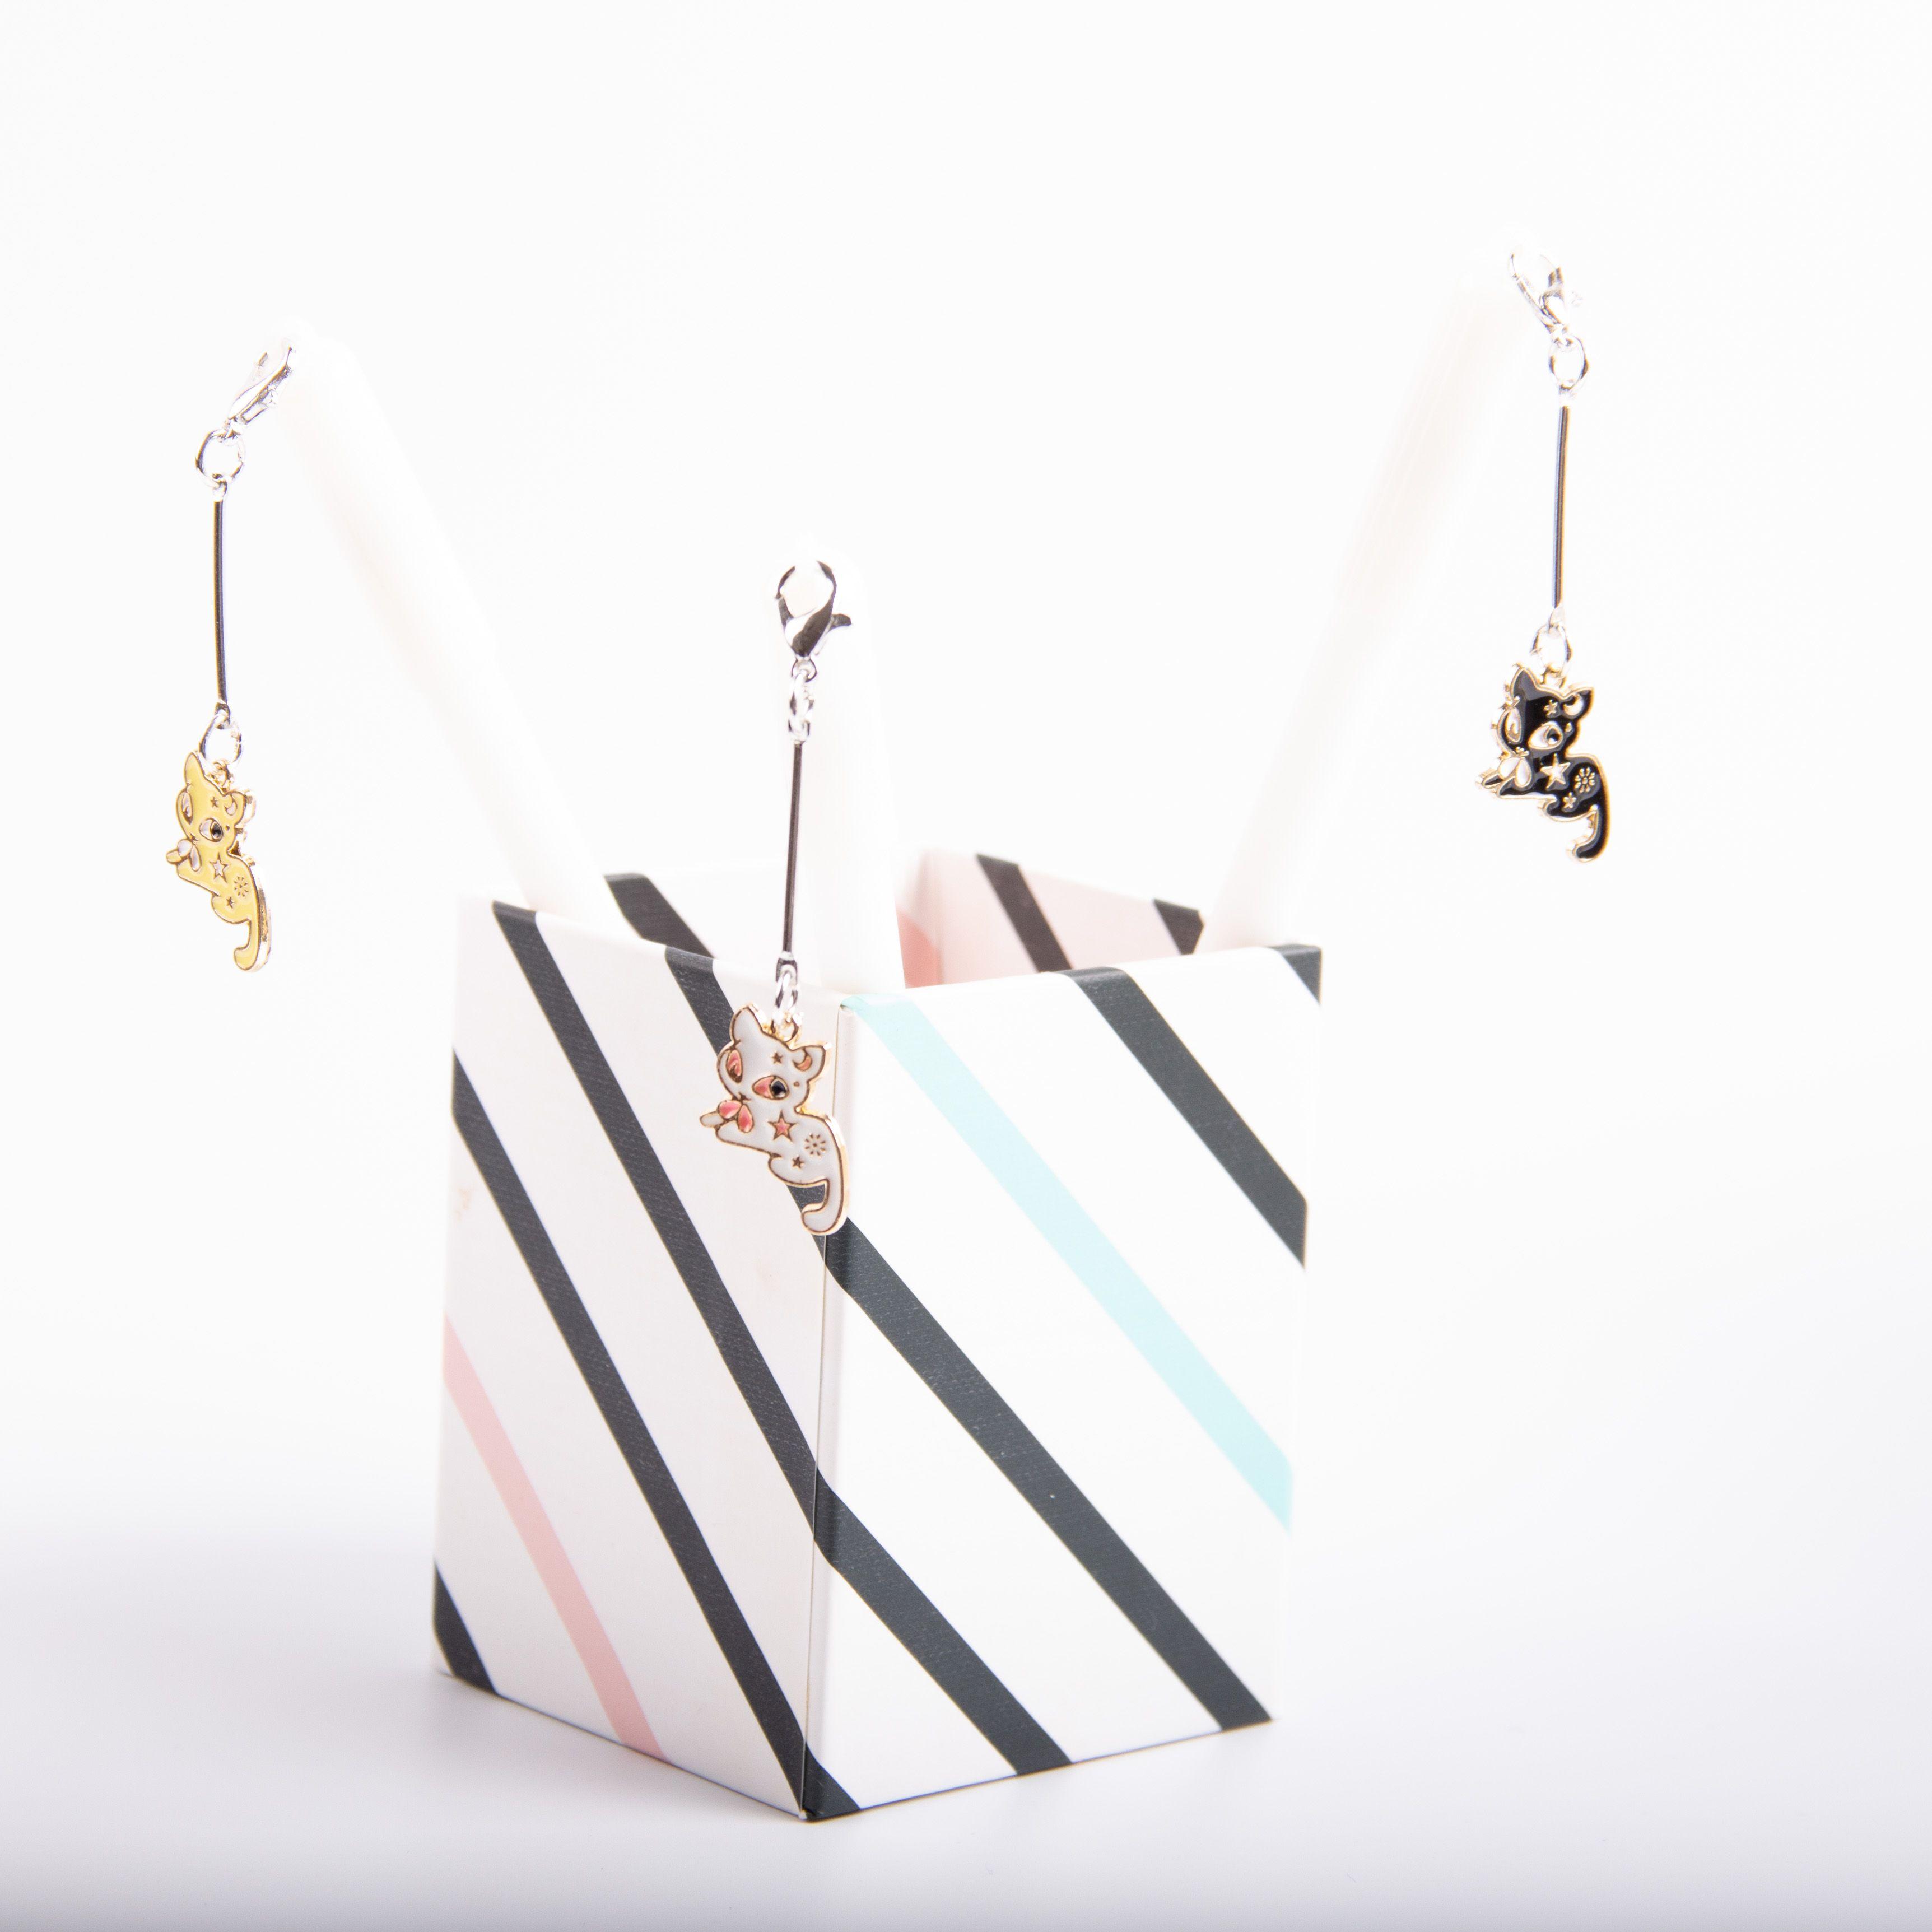 欧美创意小猫咪摩易热可擦中性笔猫咪3